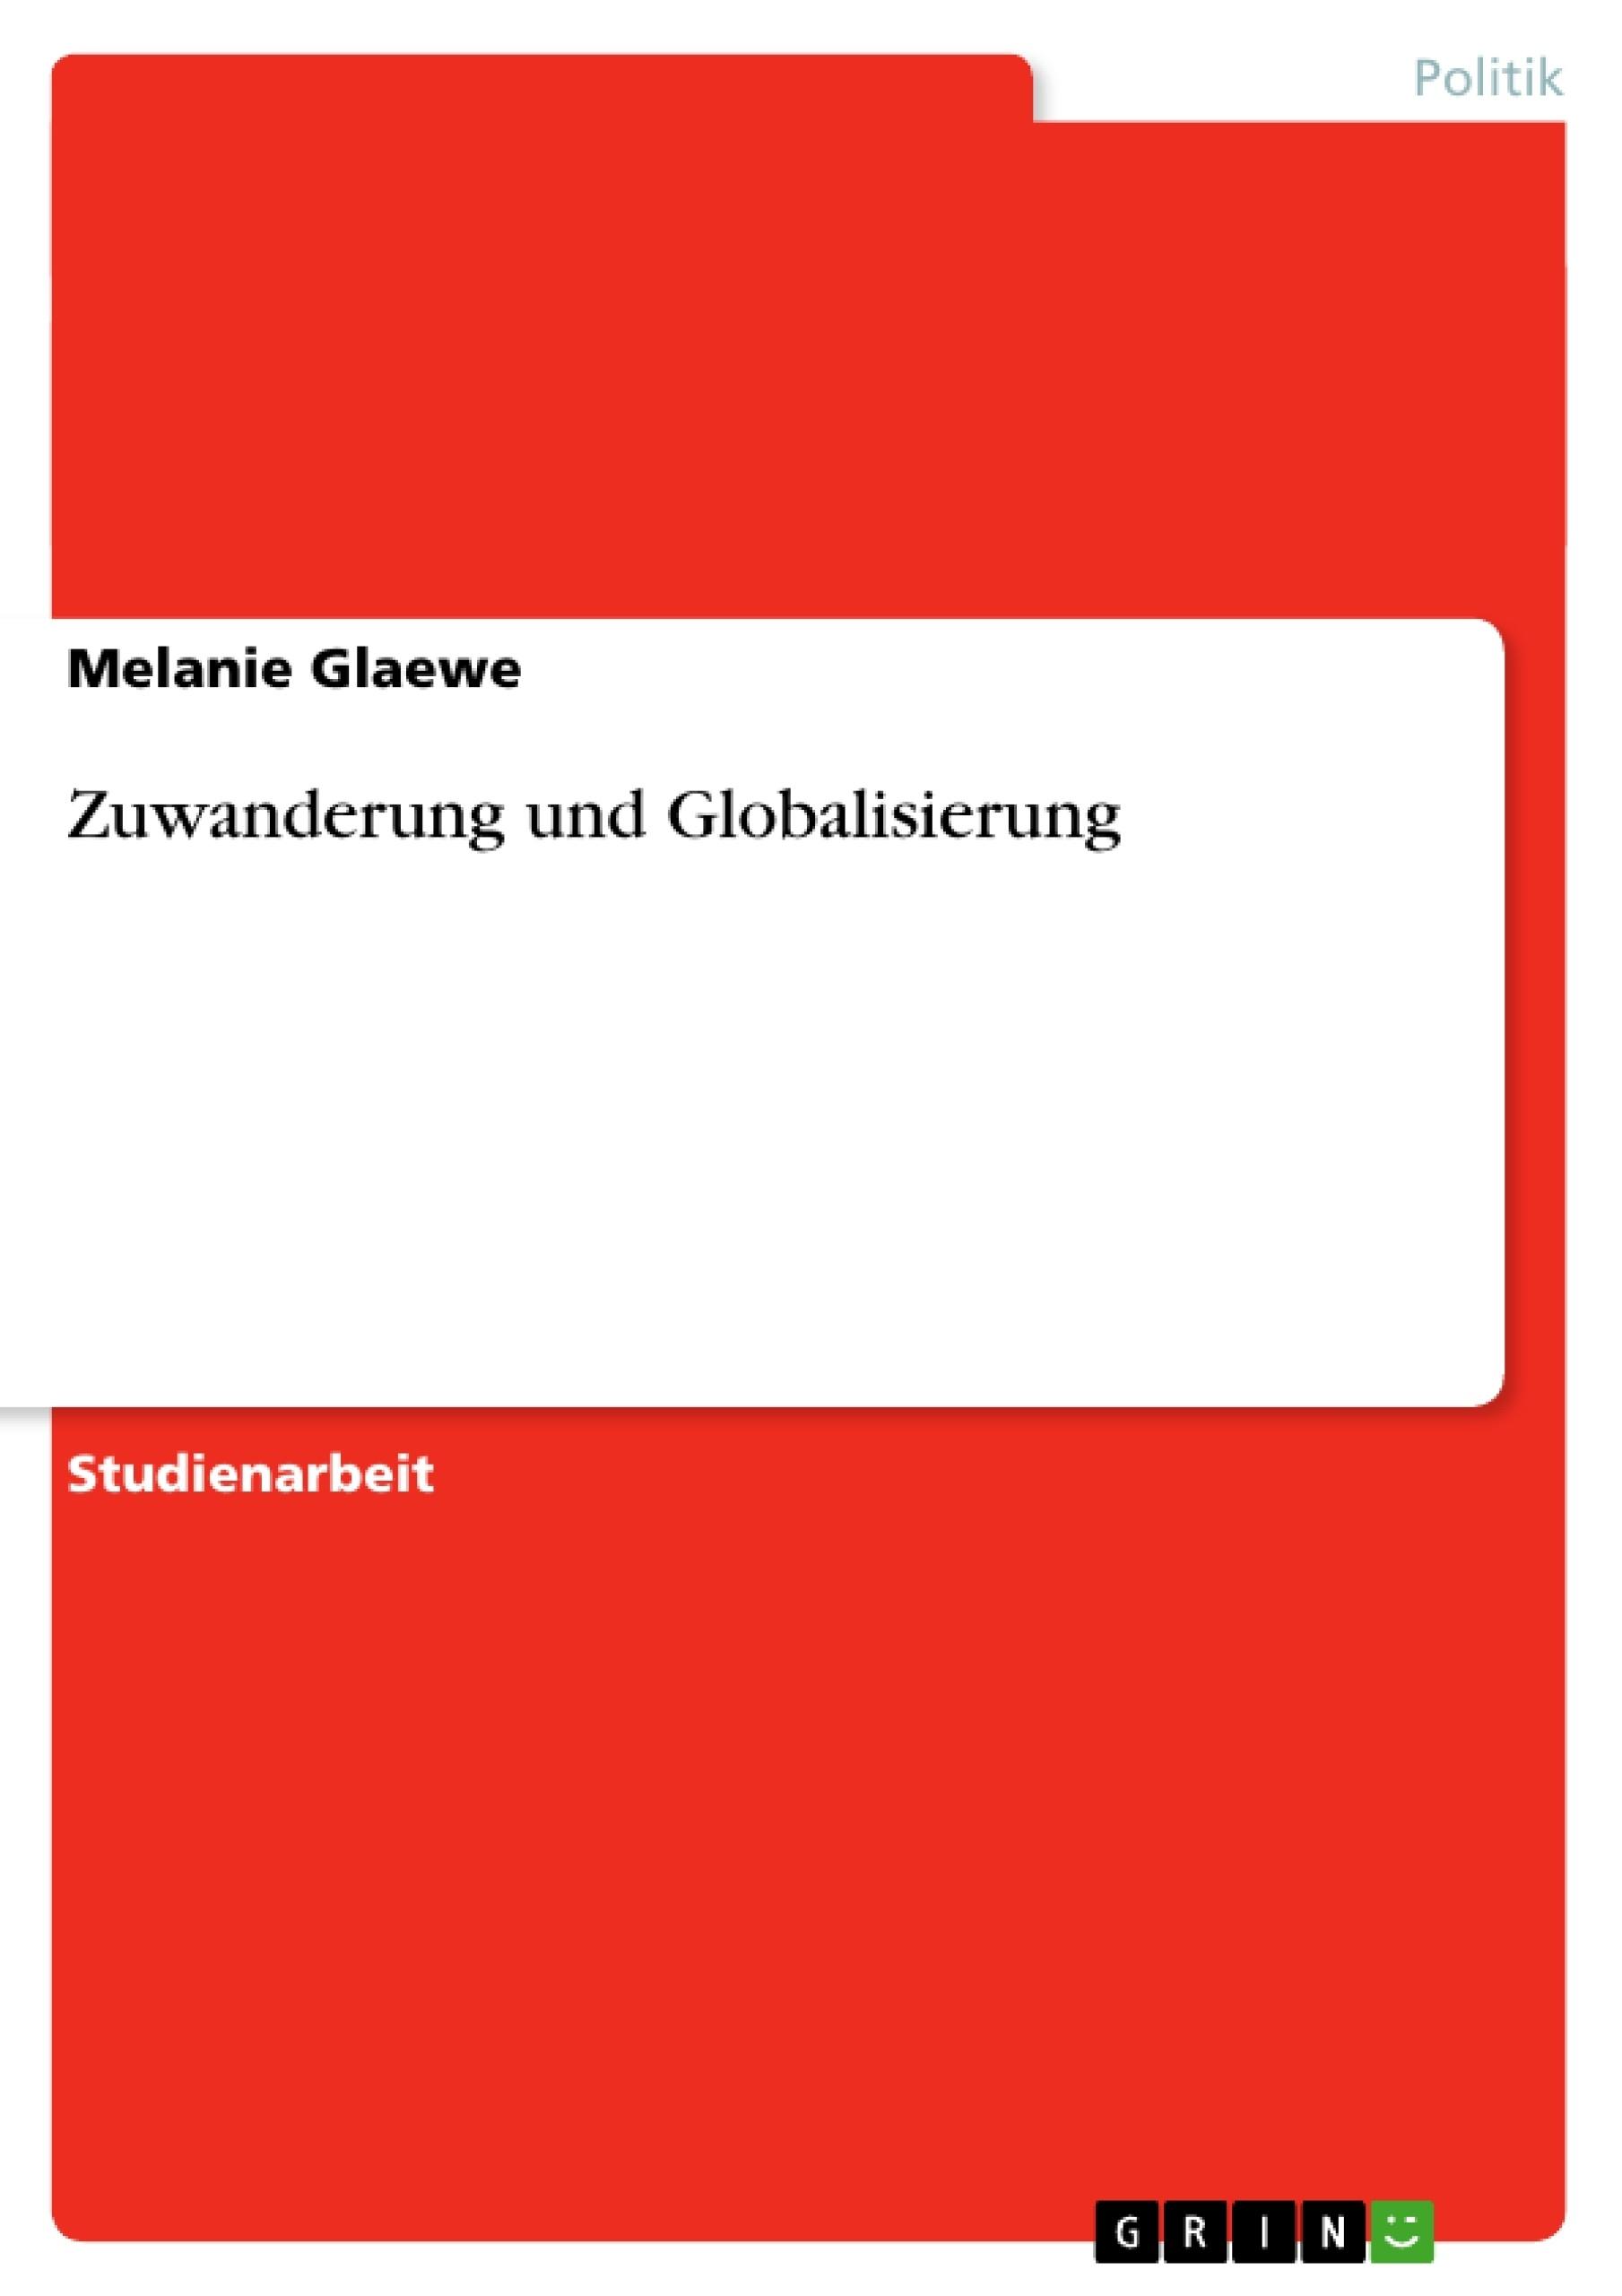 Titel: Zuwanderung und Globalisierung